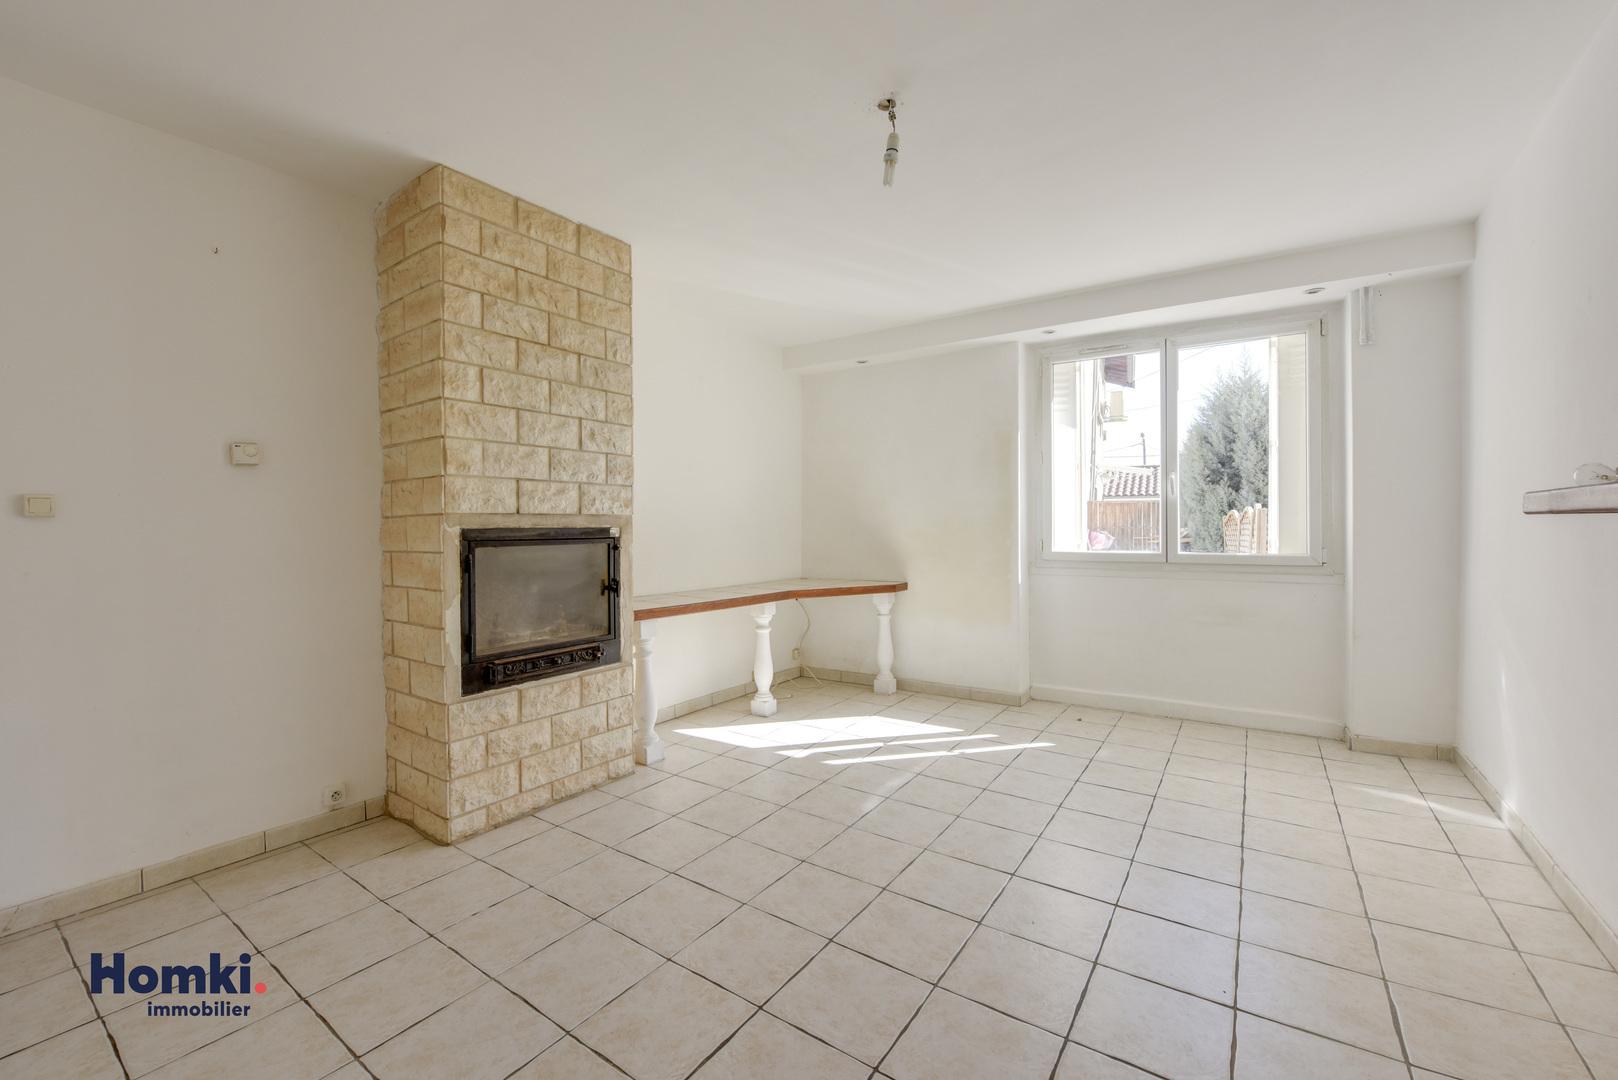 Maison I 113 m² I T4 I 38670 | photo 5